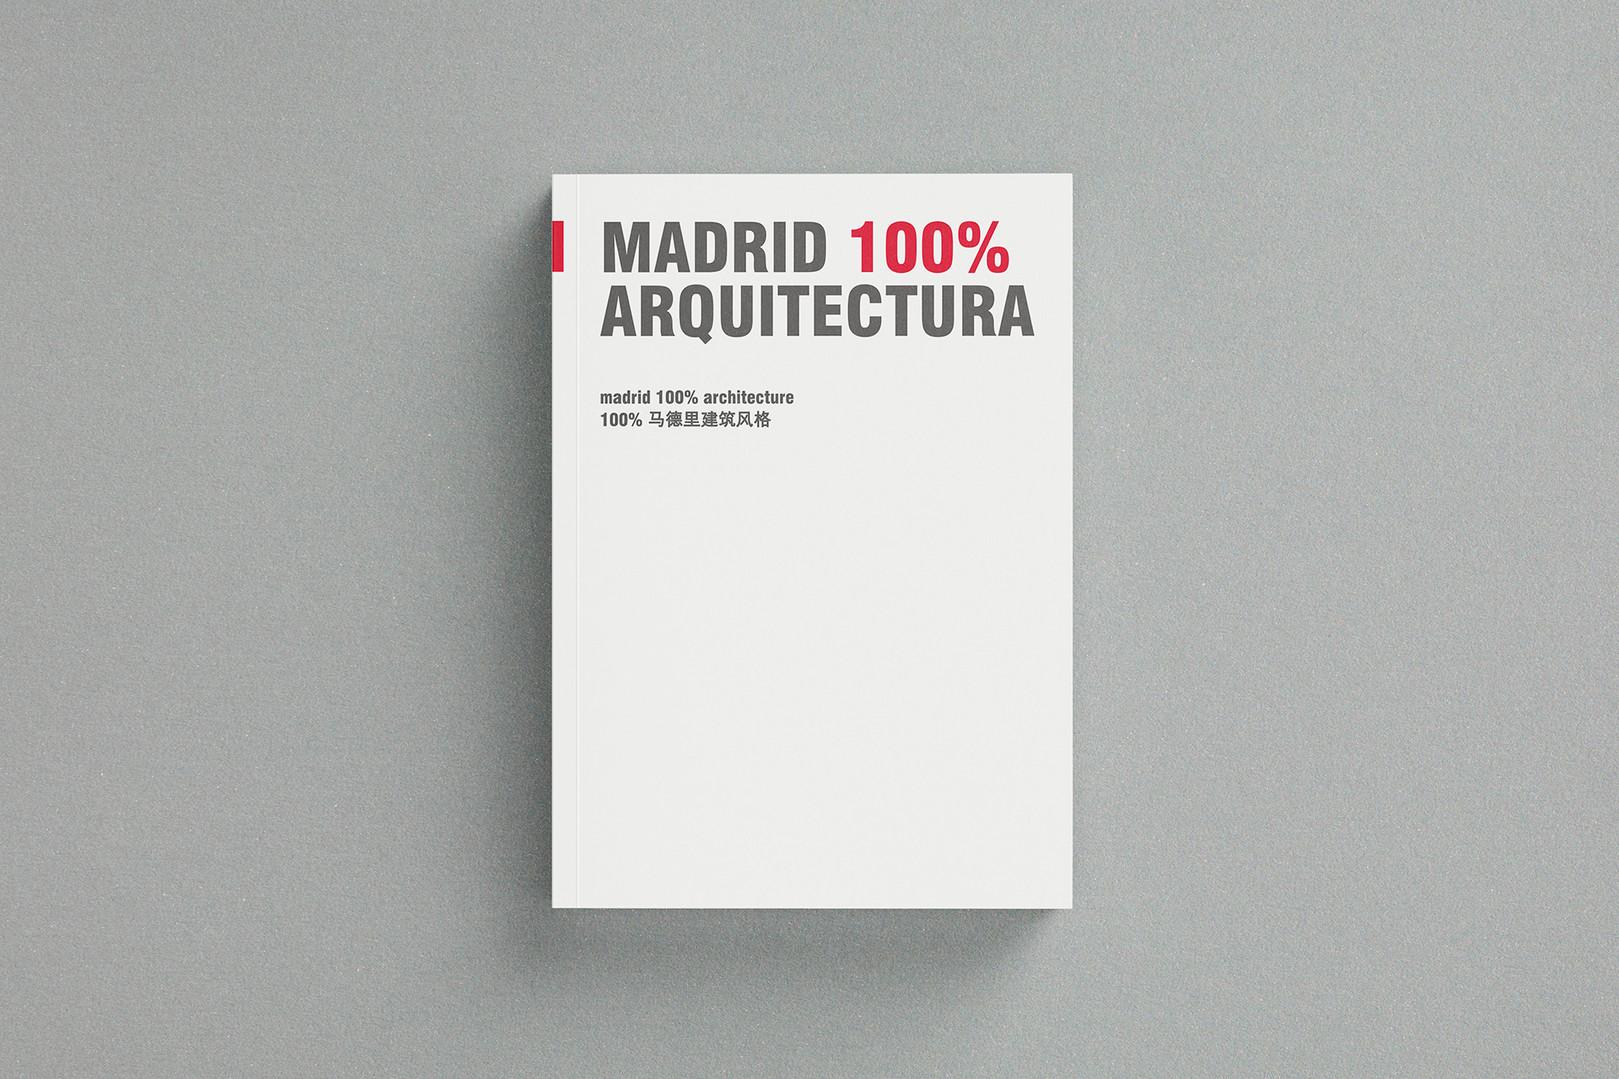 Madrid 100% Arquitectura